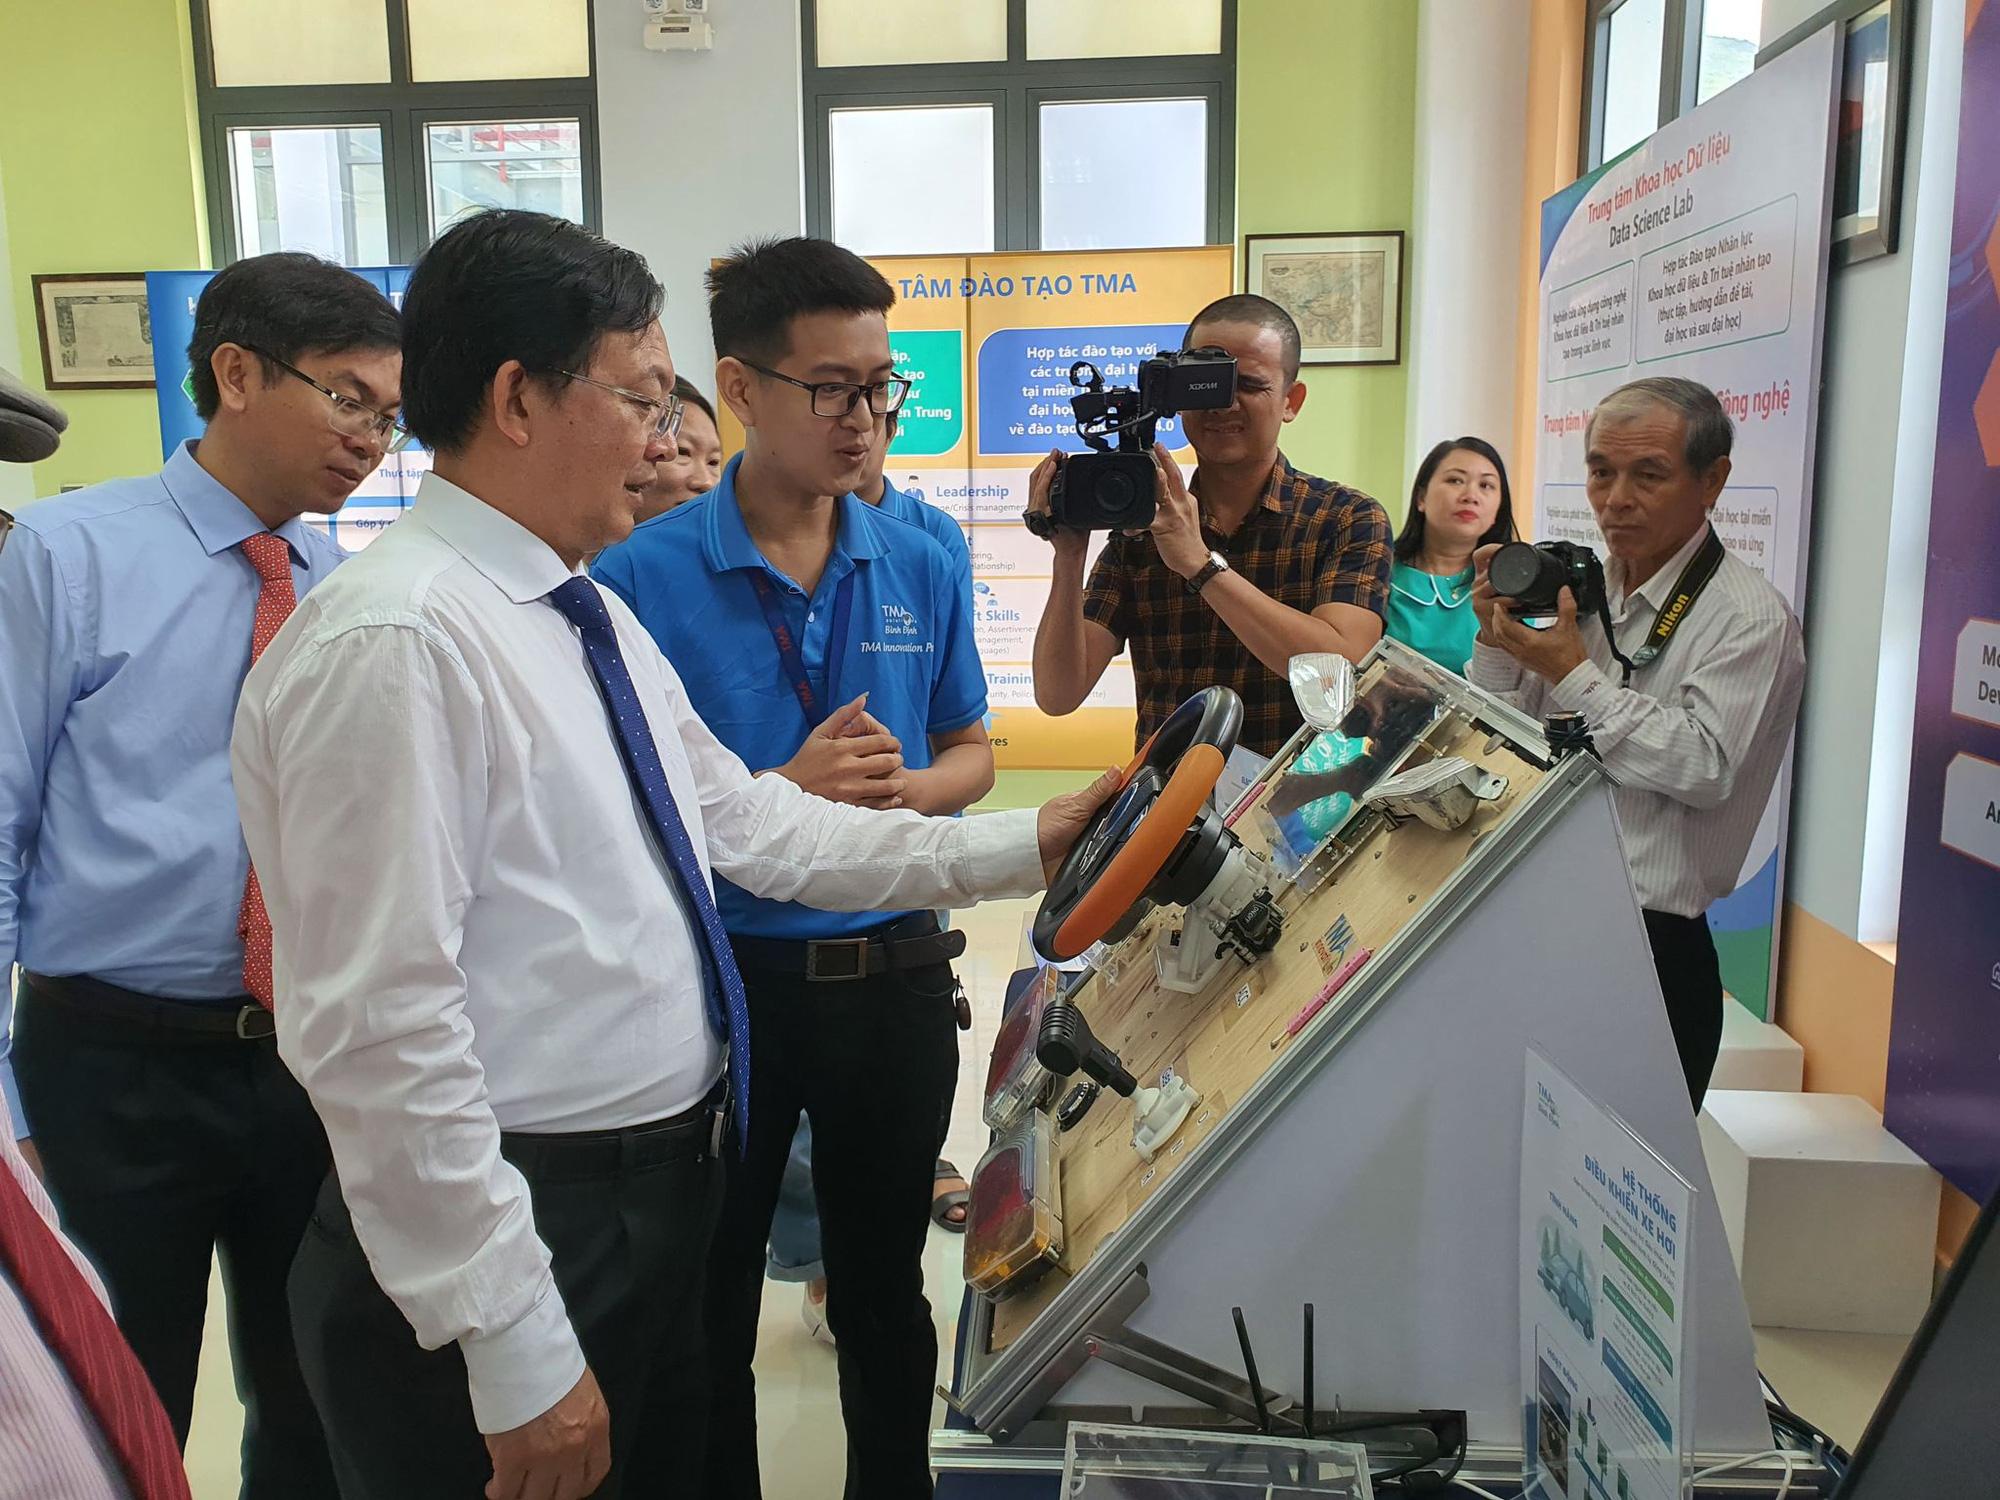 Khát vọng đưa Bình Định trở thành tỉnh phát triển thuộc nhóm dẫn đầu miền Trung - Ảnh 1.